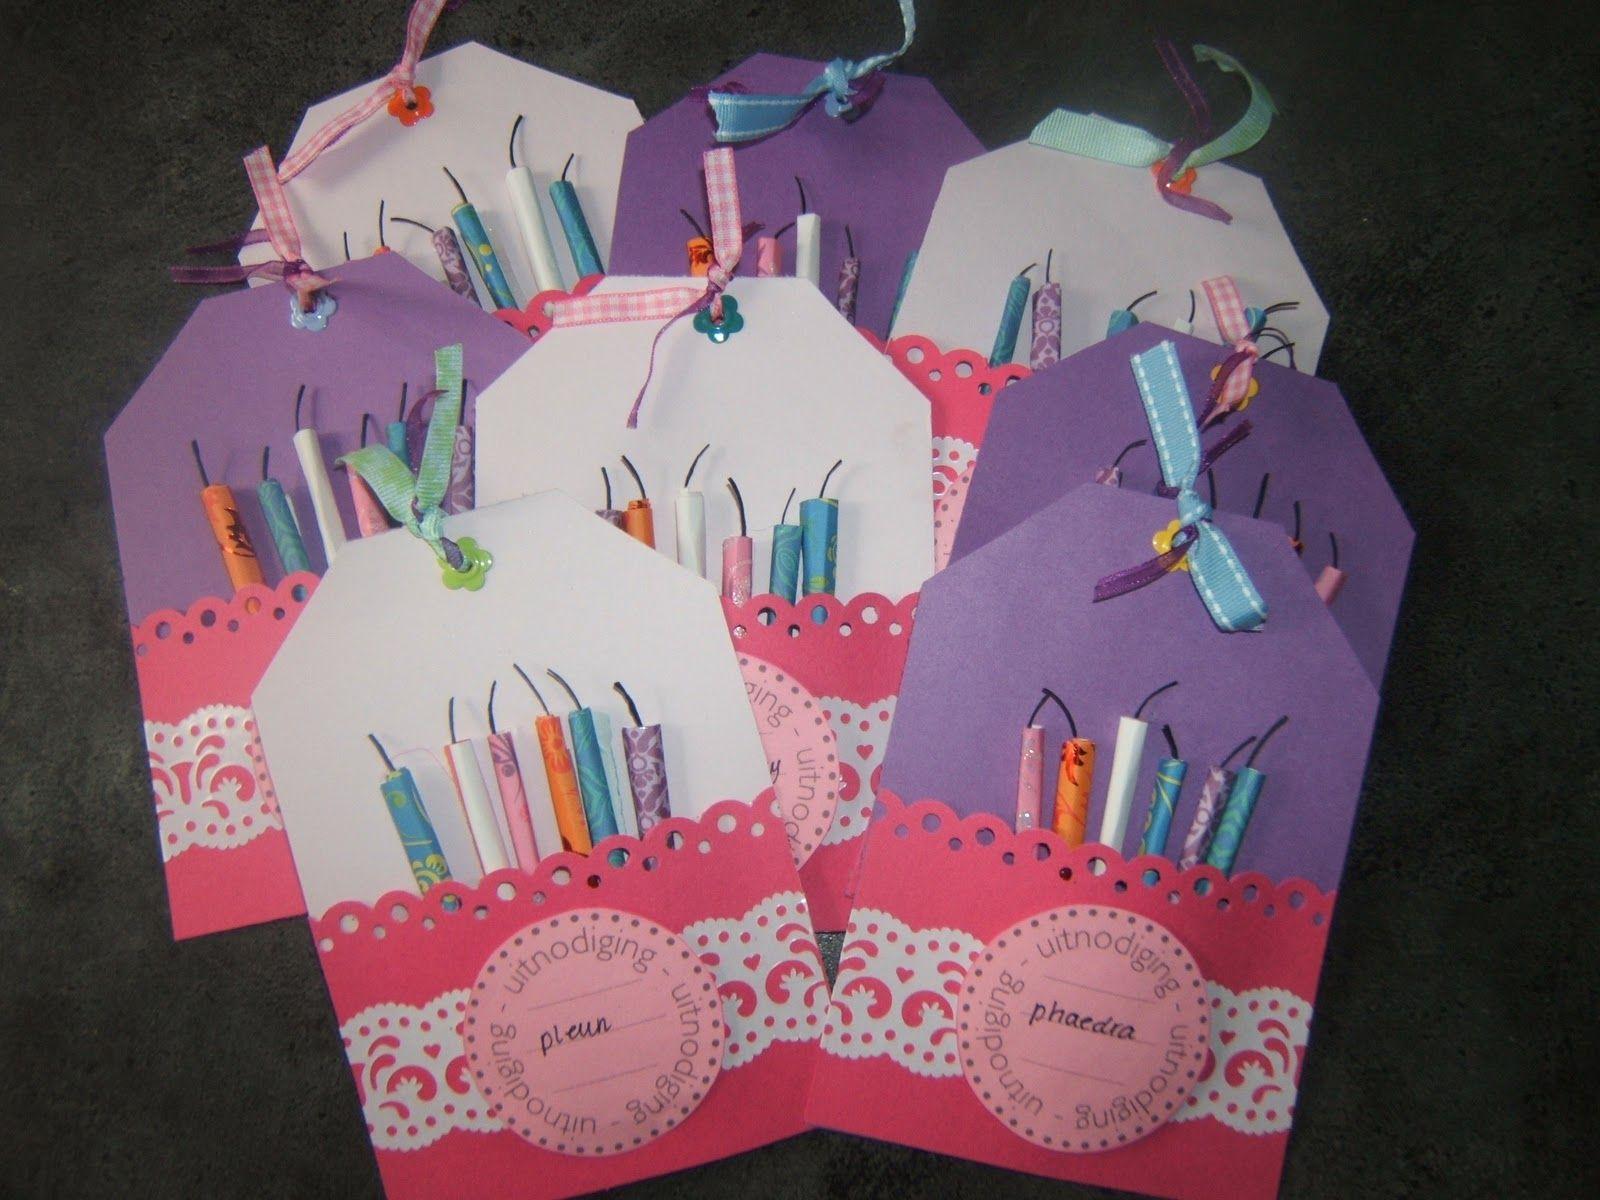 zelf uitnodiging maken kinderfeestje